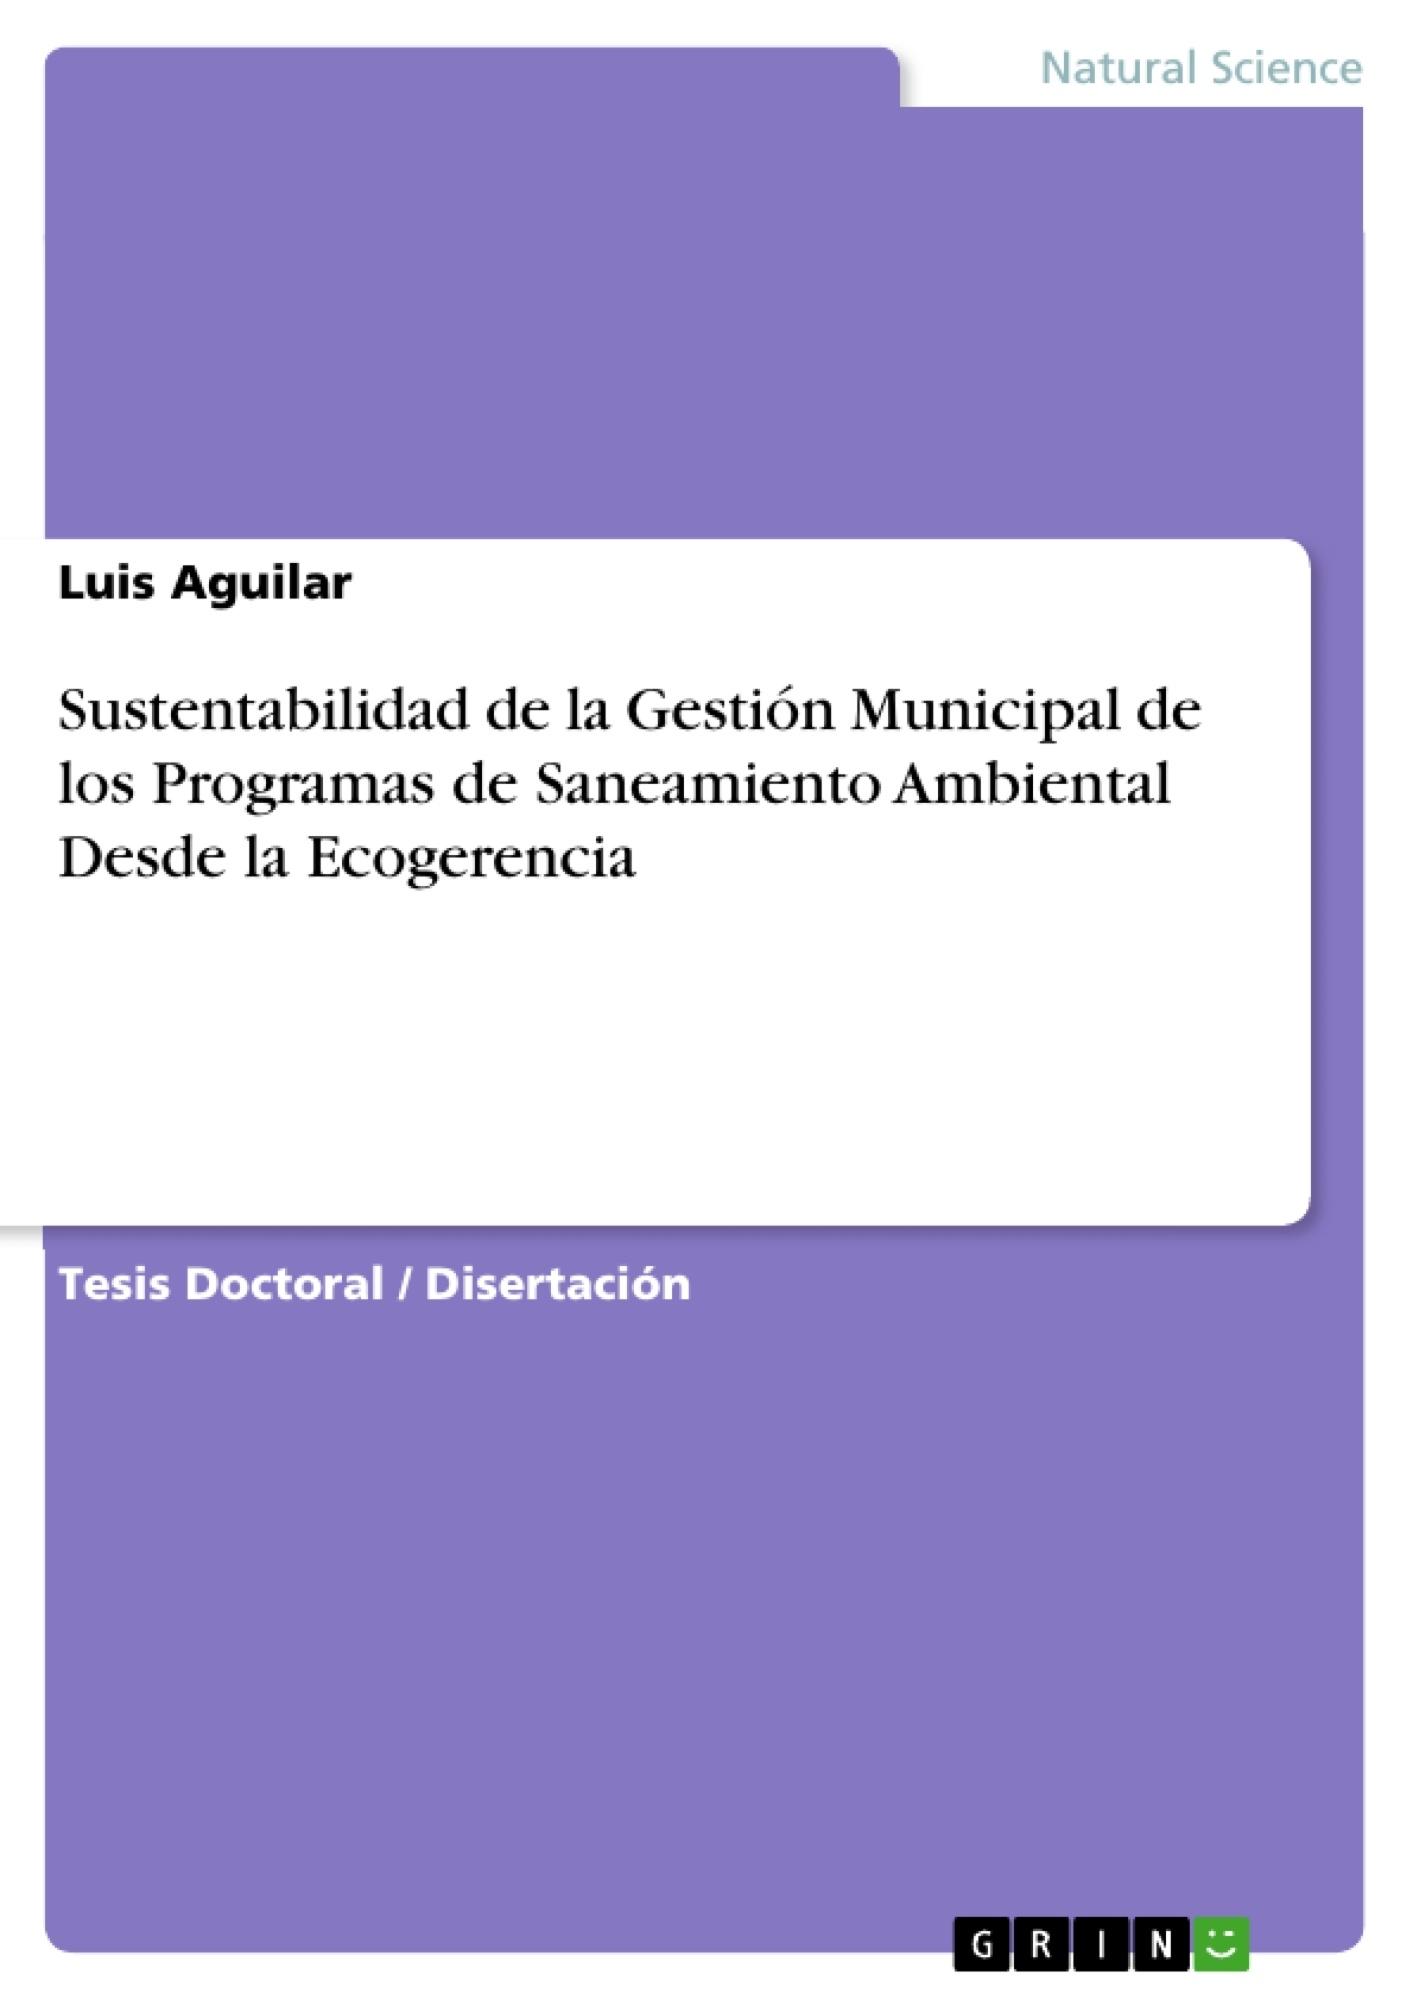 Título: Sustentabilidad de la Gestión Municipal de los Programas de Saneamiento Ambiental Desde la Ecogerencia